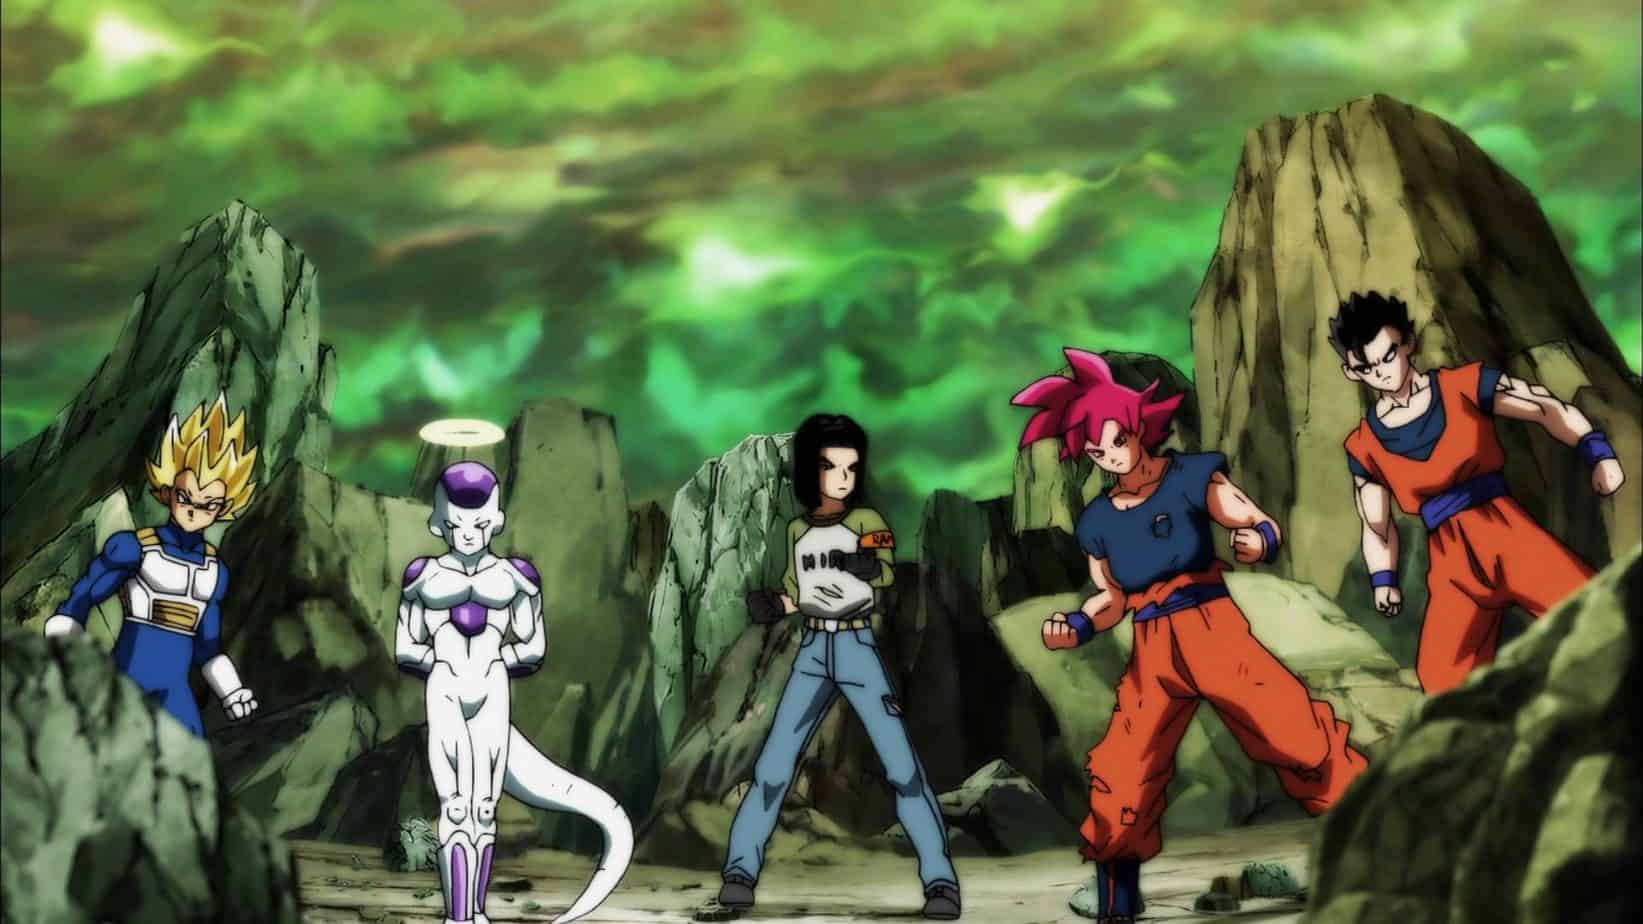 La grande bataille finale va enfin commencer. Que se passe-t-il dans Dragon Ball Super ? 2